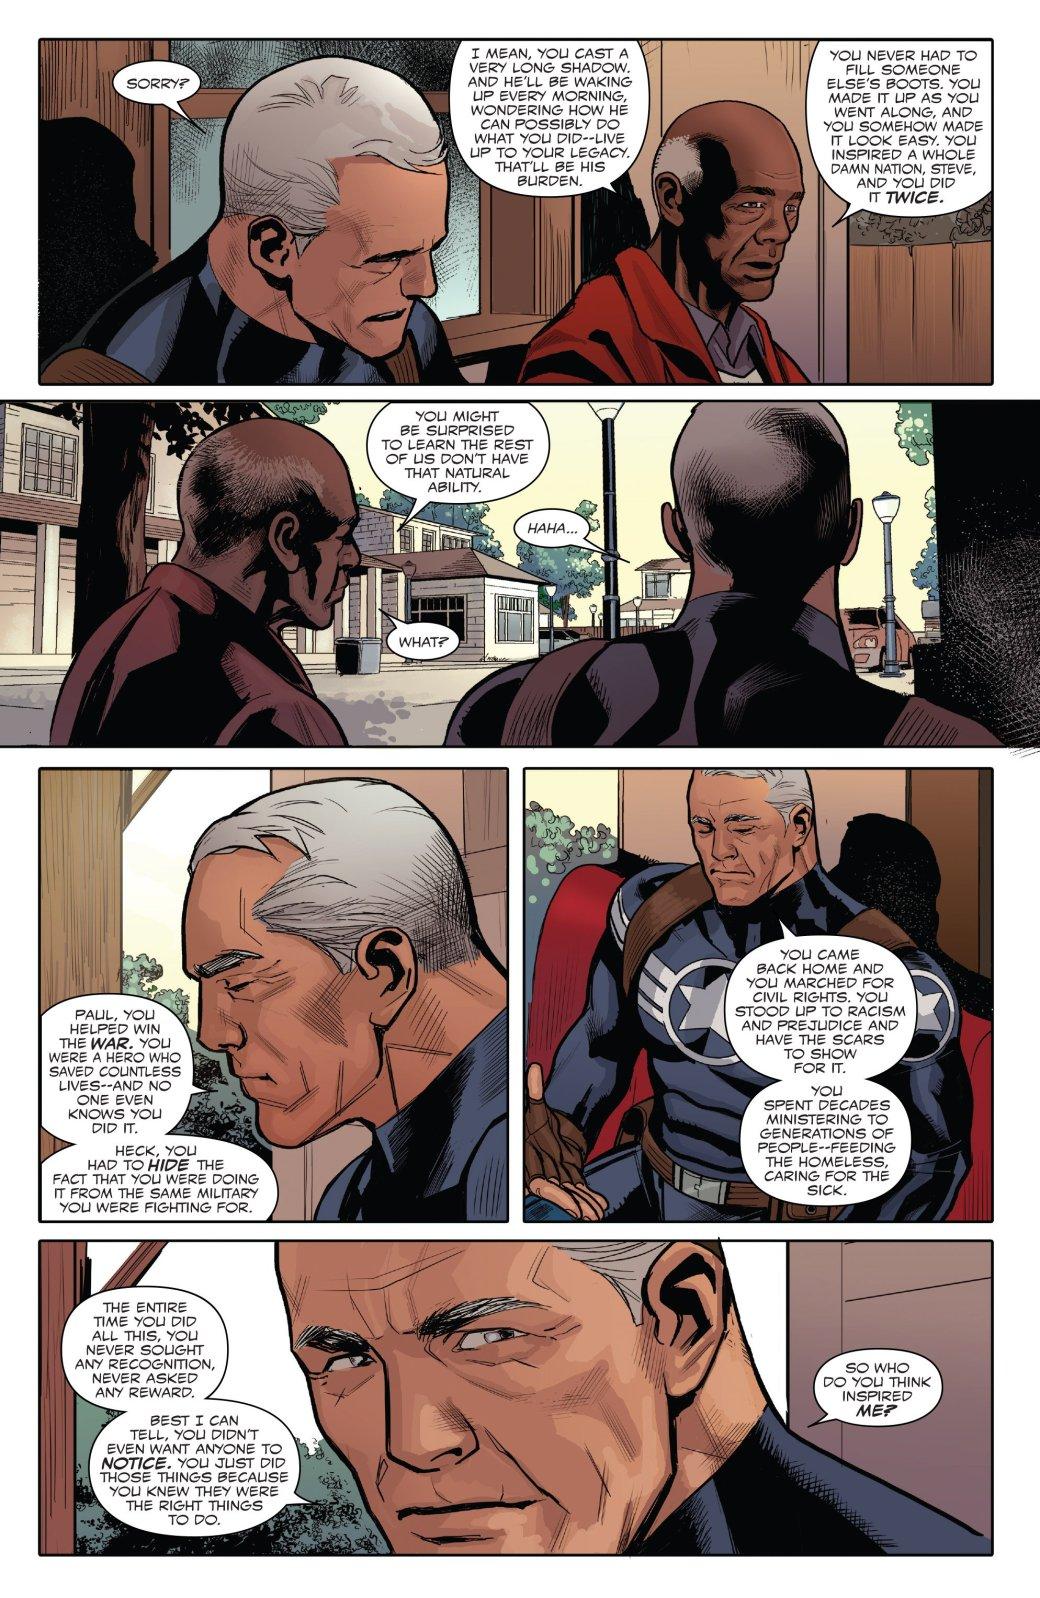 Marvel Generations: отправившись впрошлое, Сэм Уилсон прожил там целую жизнь | Канобу - Изображение 5751